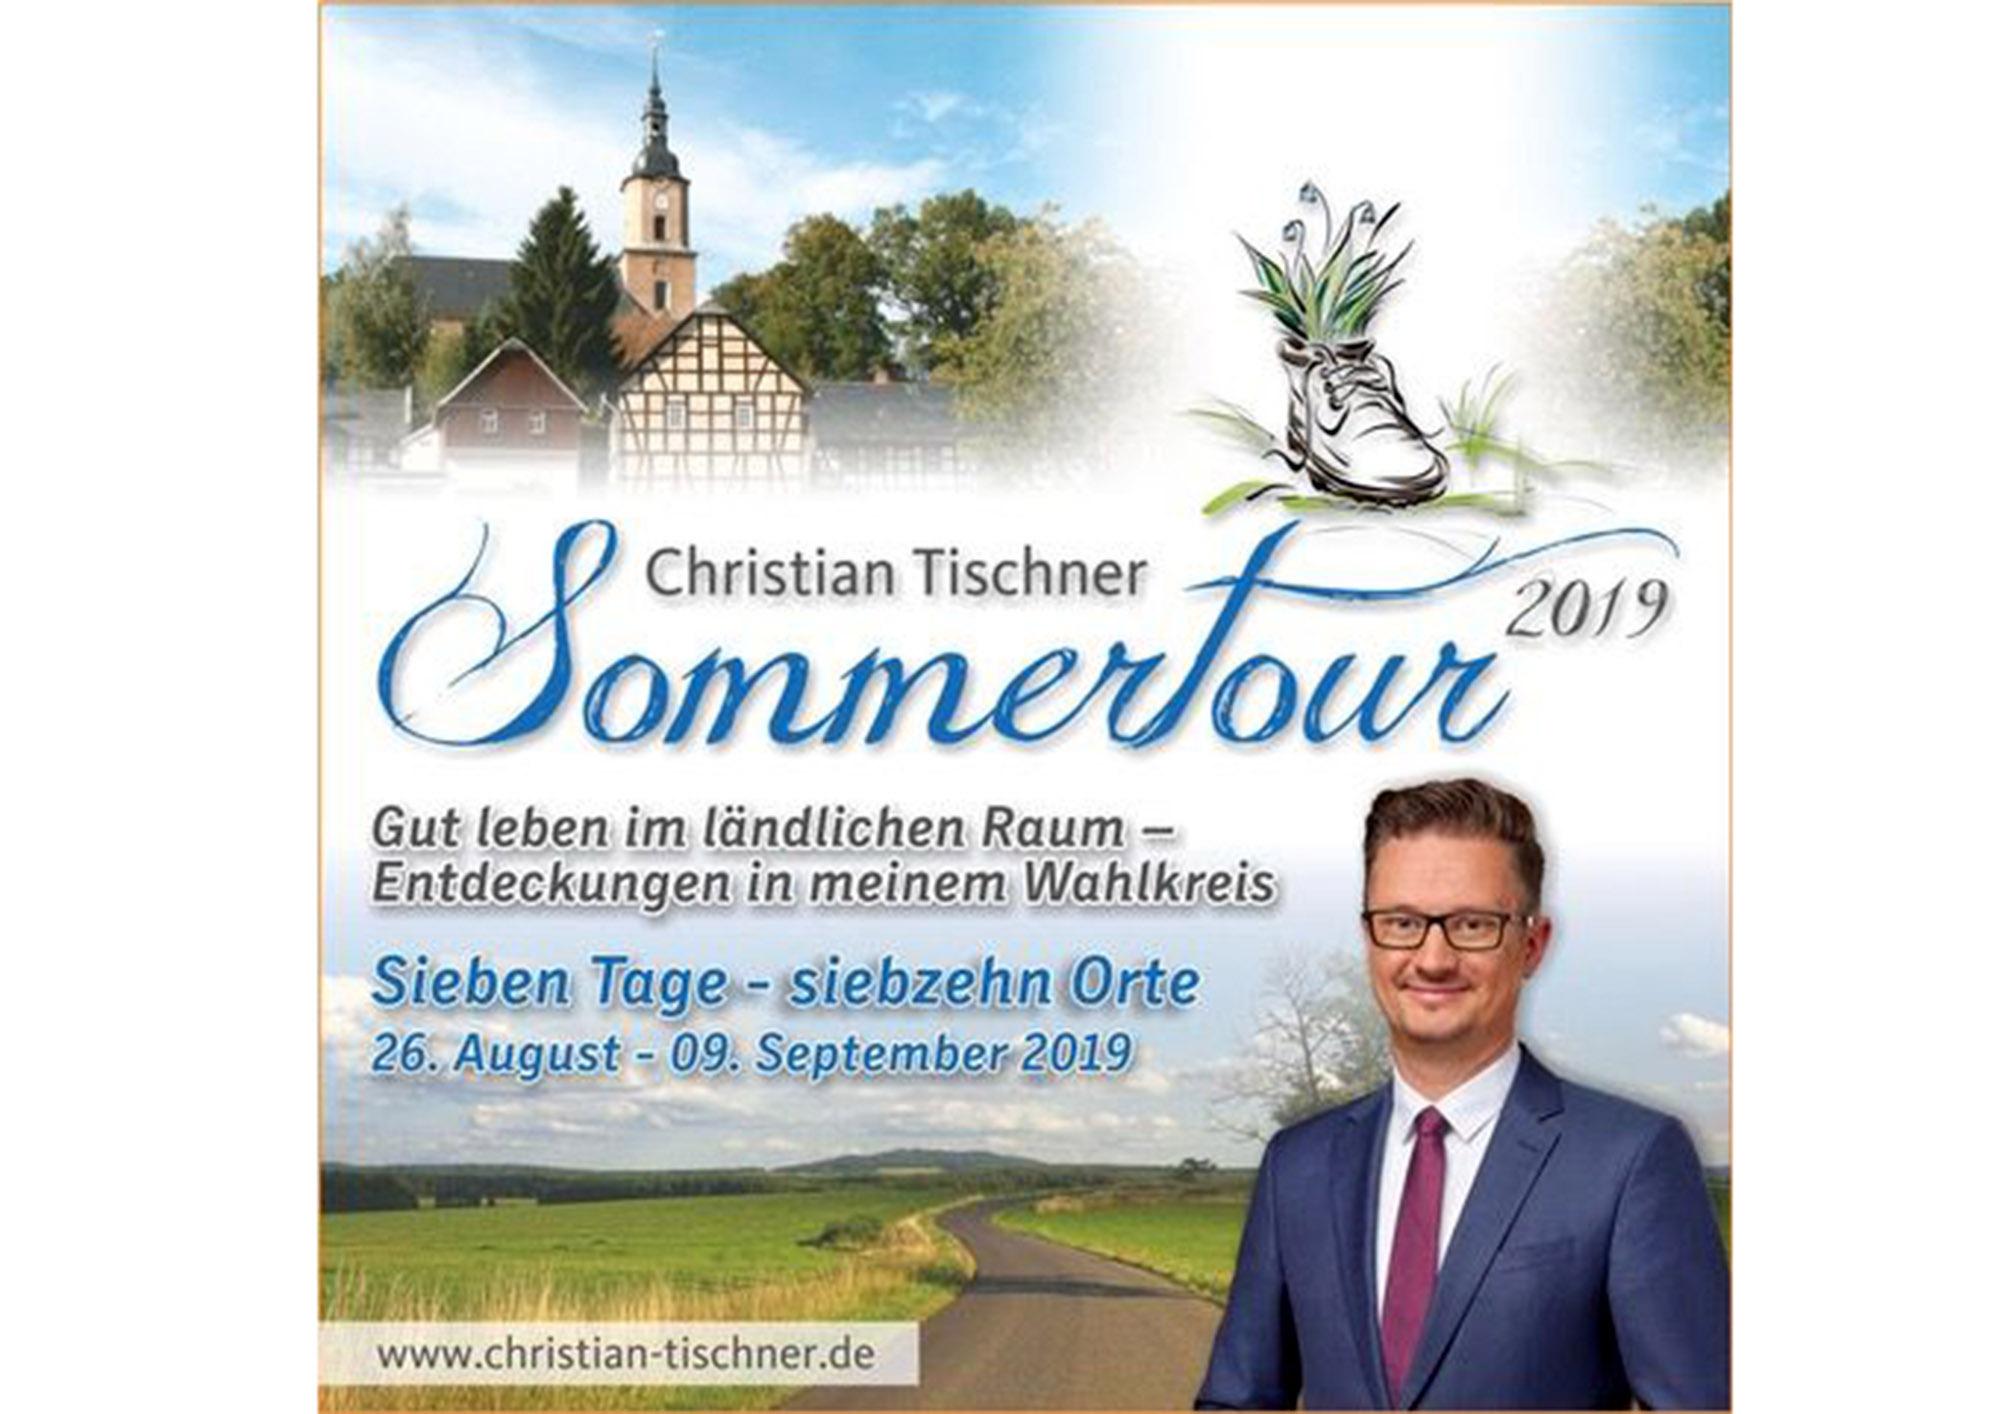 Zum fünften Mal geht CDU-Landtagsabgeordneter Christian Tischner auf Sommertour durch seinen Wahlkreis